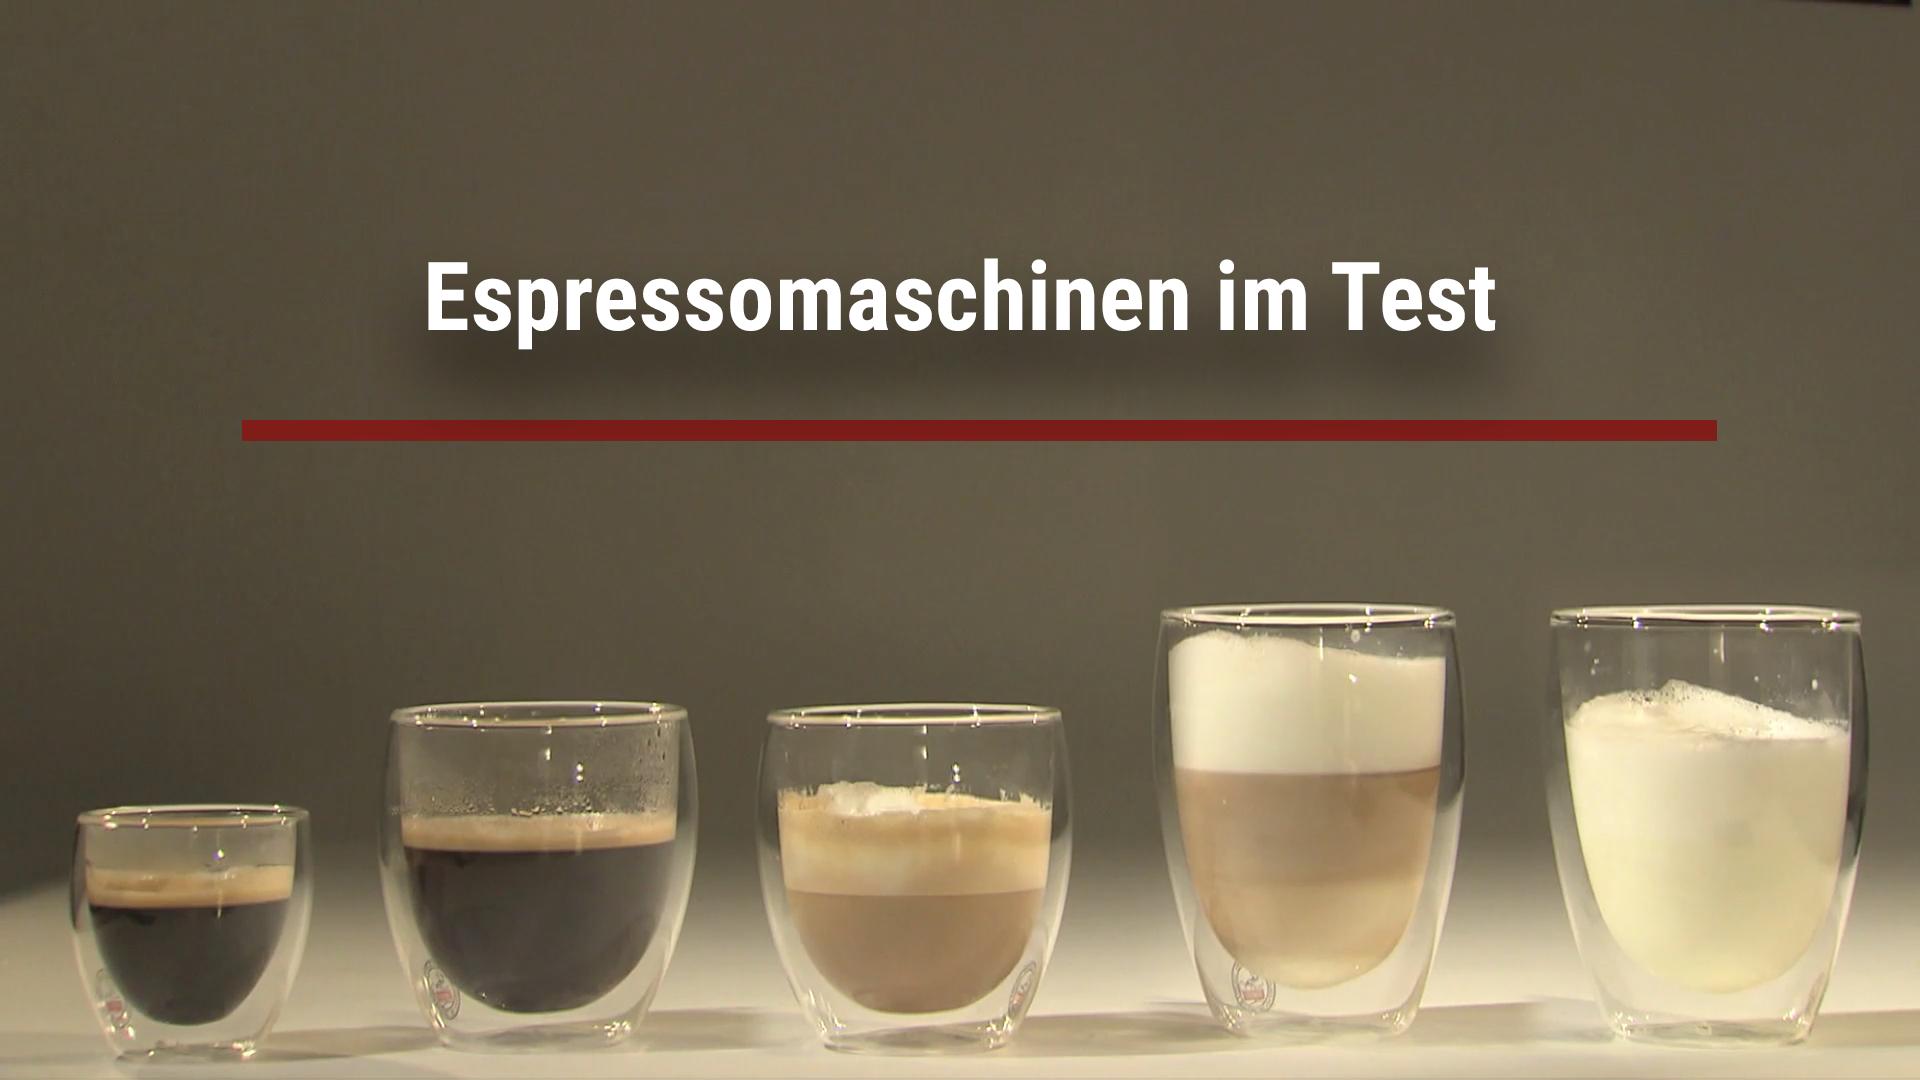 Espressomaschinen im Test